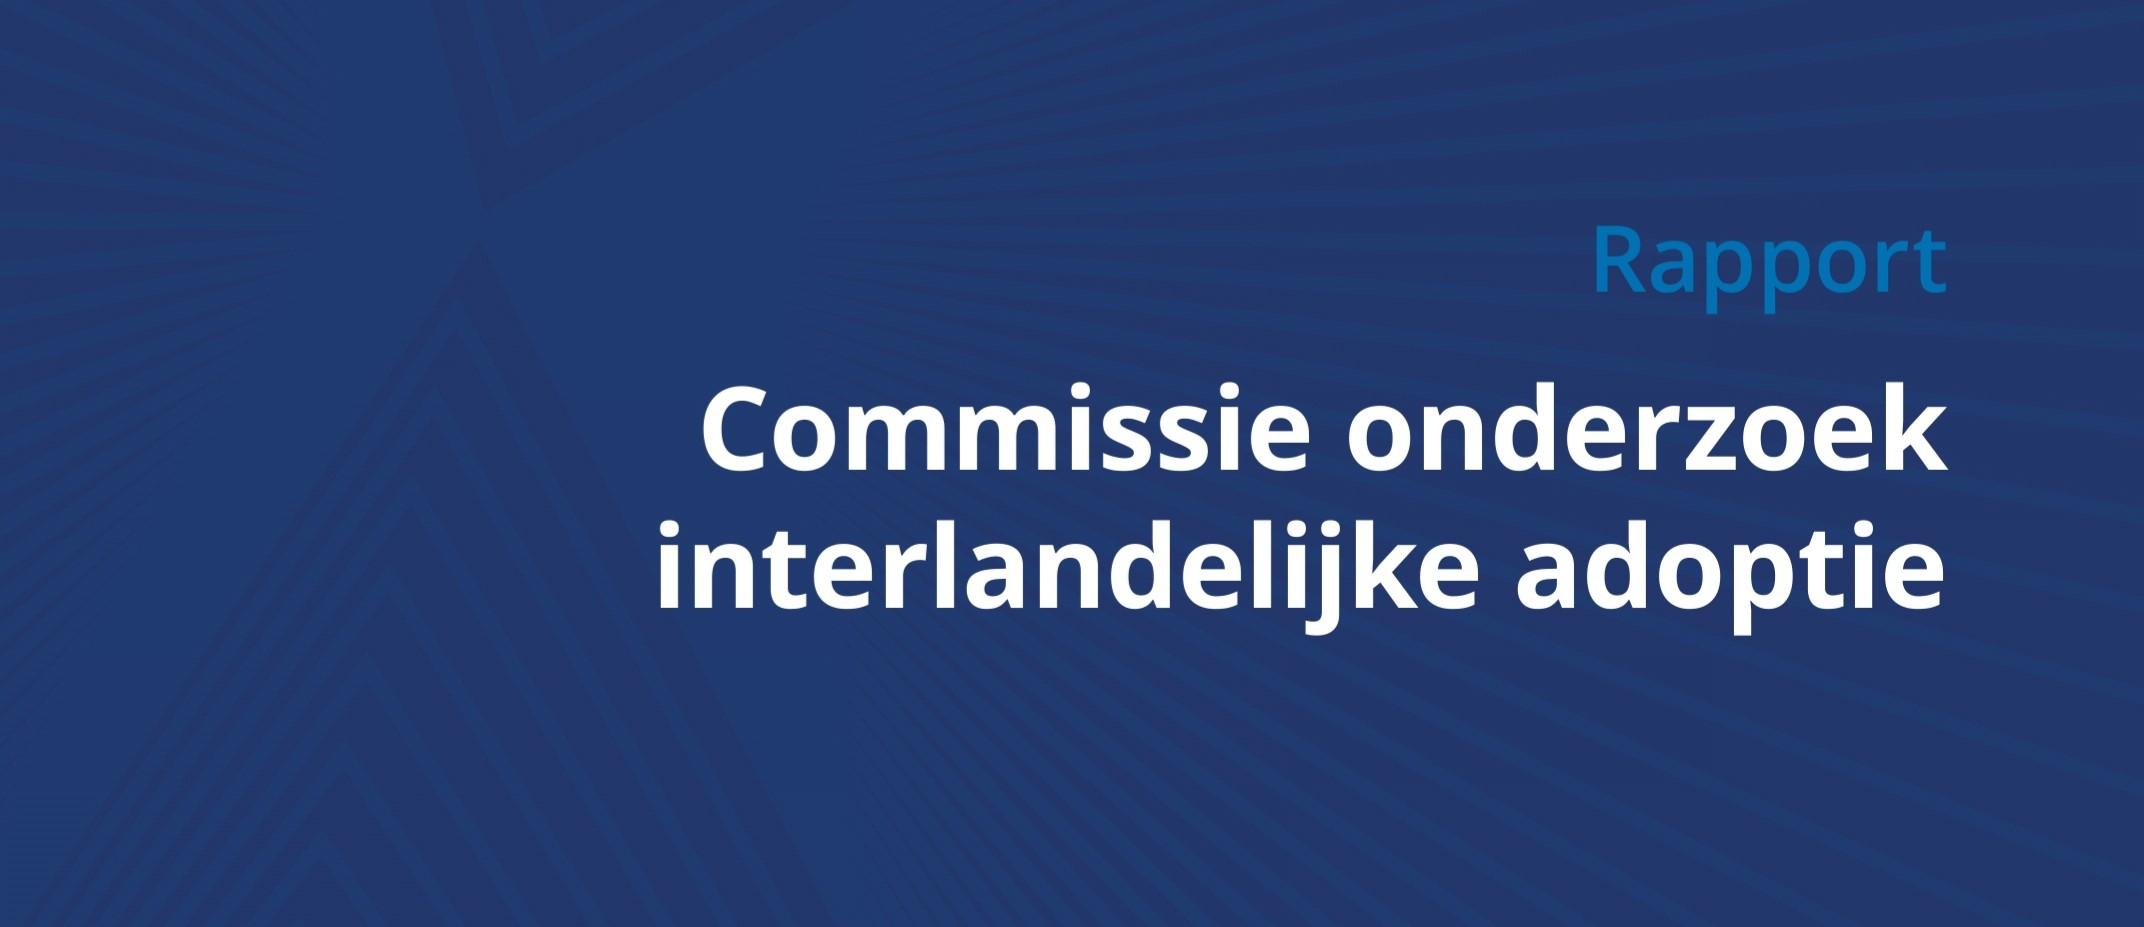 rapport commissie interlandelijke adoptie